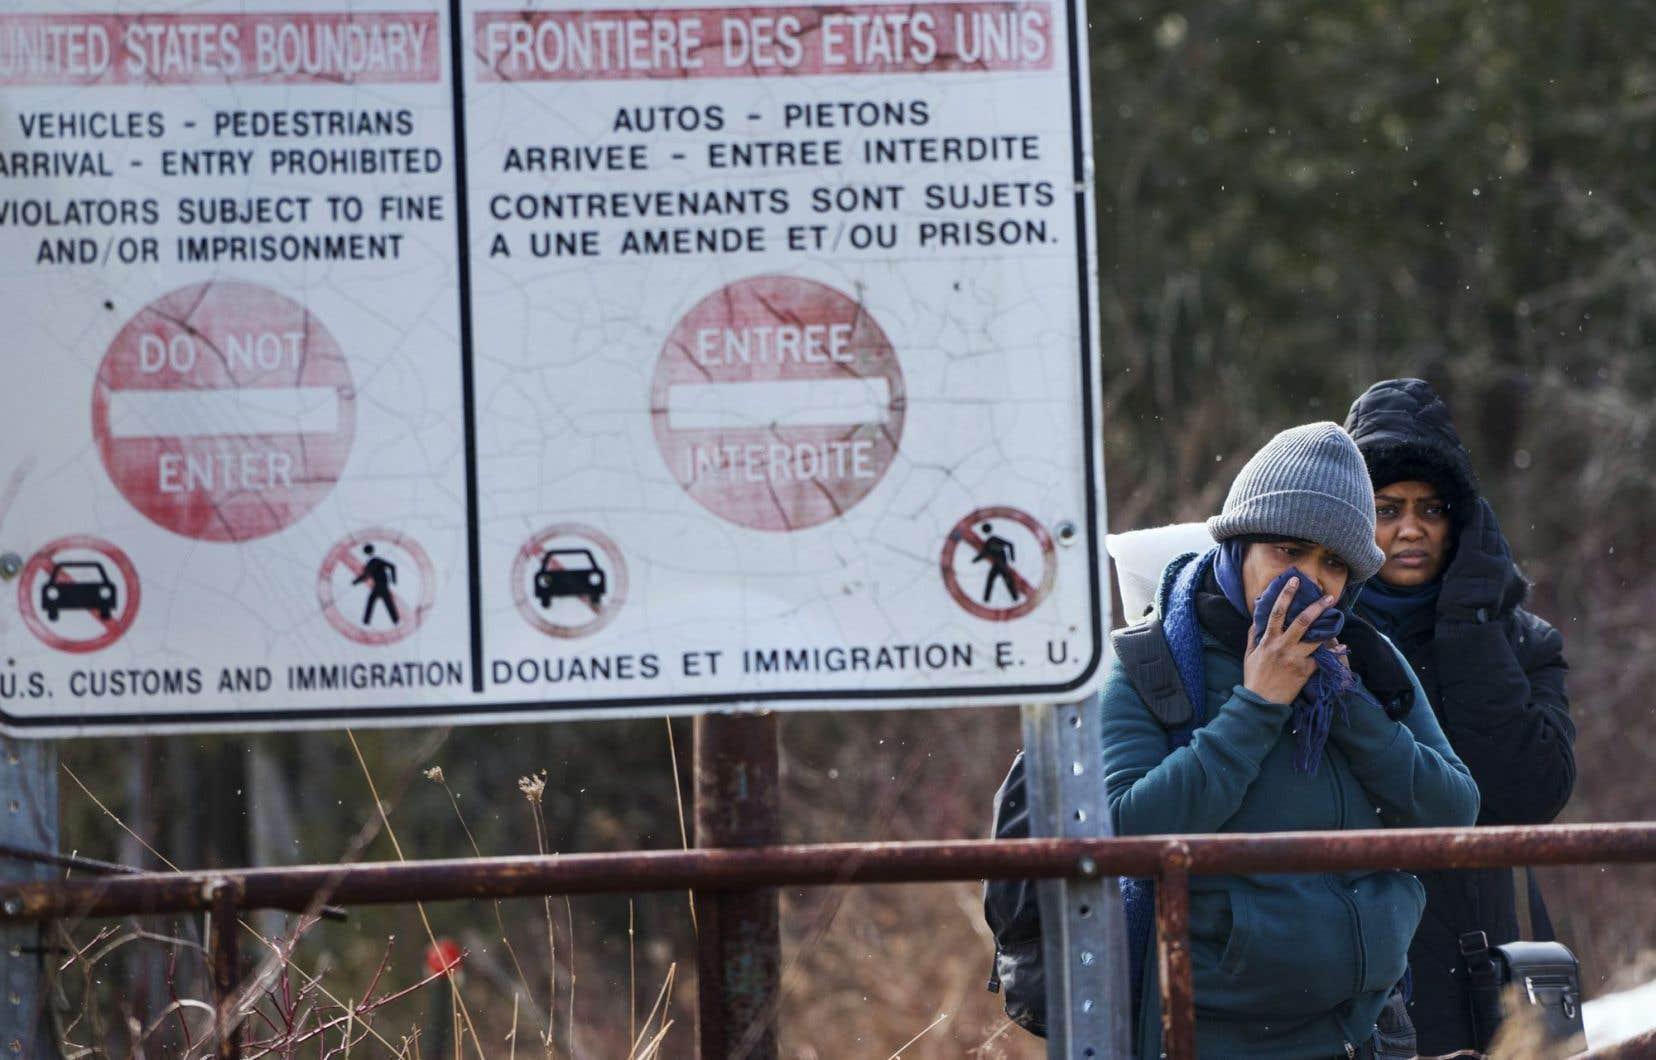 75% des 1010 répondants réclament que la surveillance aux frontières soit raffermie afin d'empêcher l'arrivée d'immigrants illégaux.